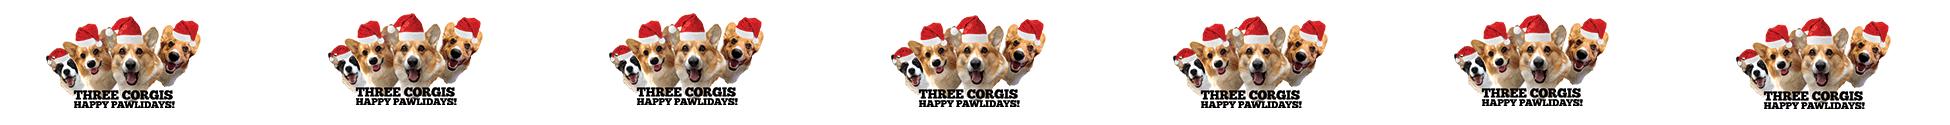 Three Corgis Official Blog